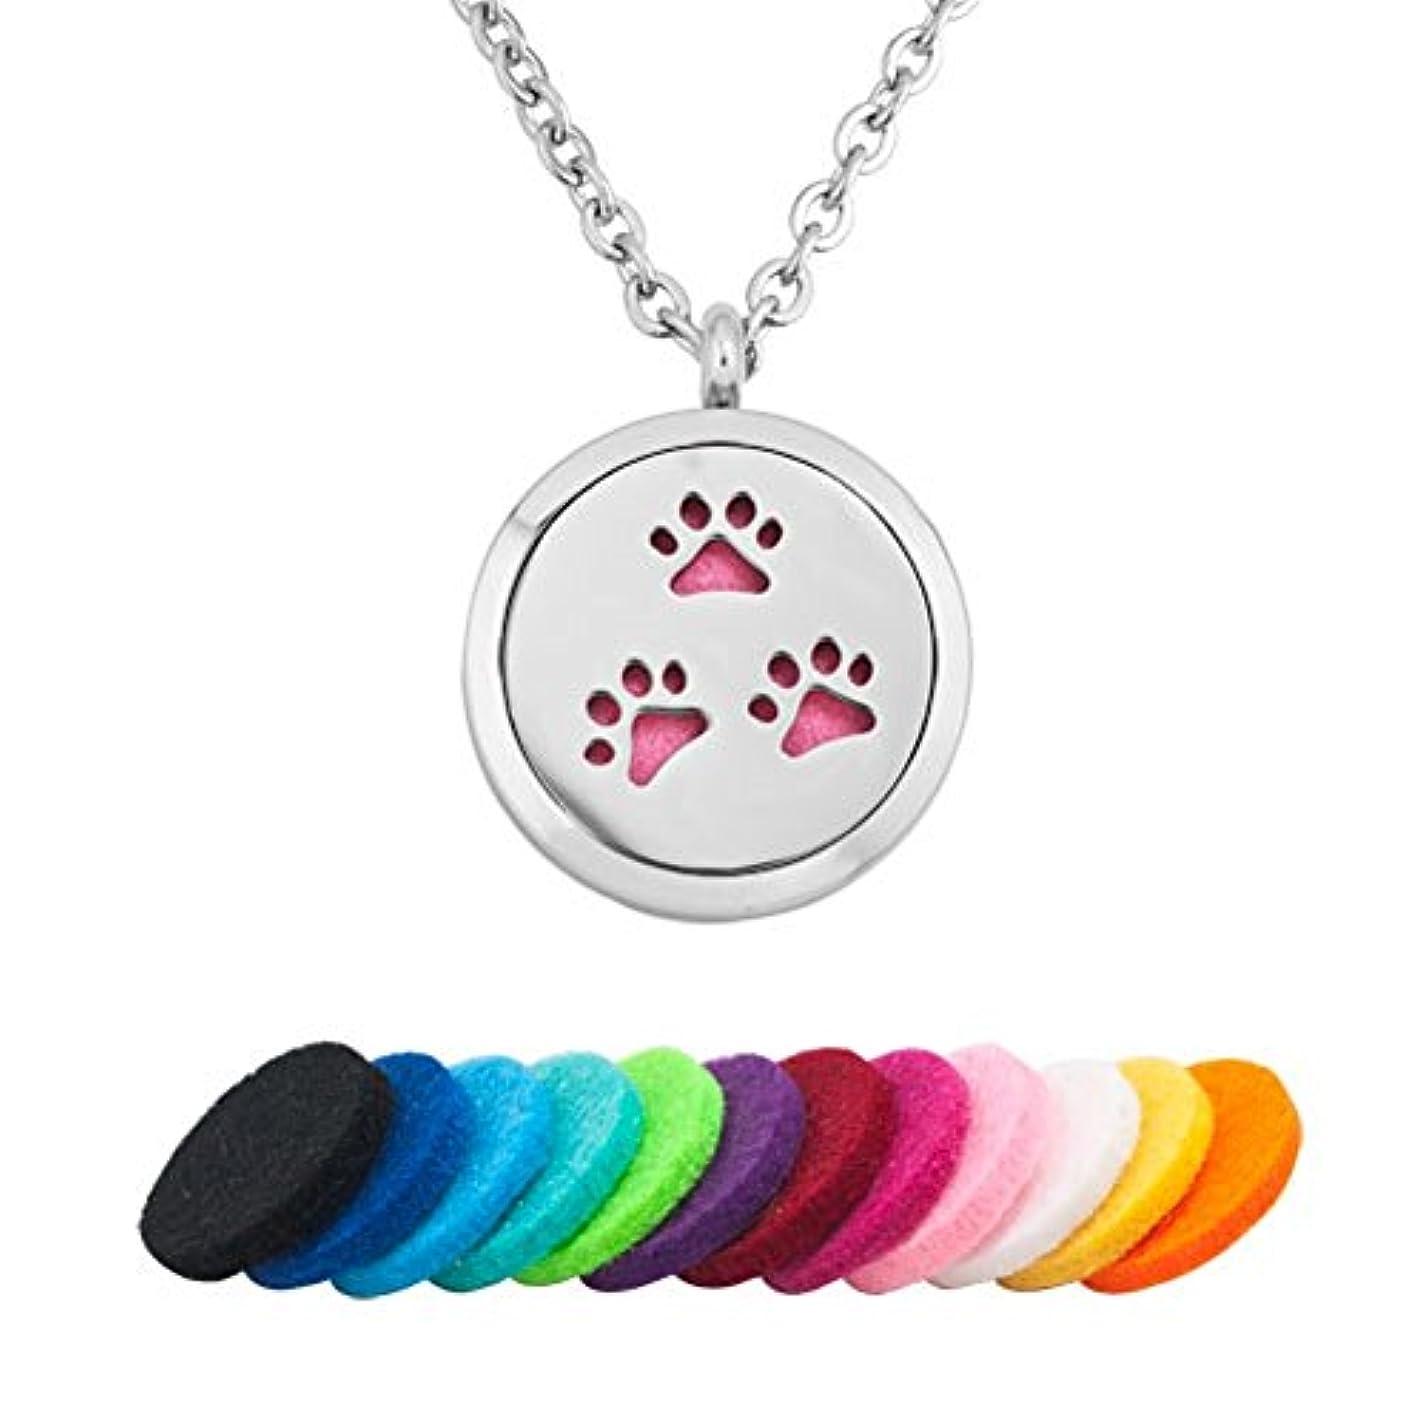 食べるジュース飾るq &ロケットLove犬PawprintステンレススチールプレミアムAromatherapy Essential Oil Diffuserロケットネックレス